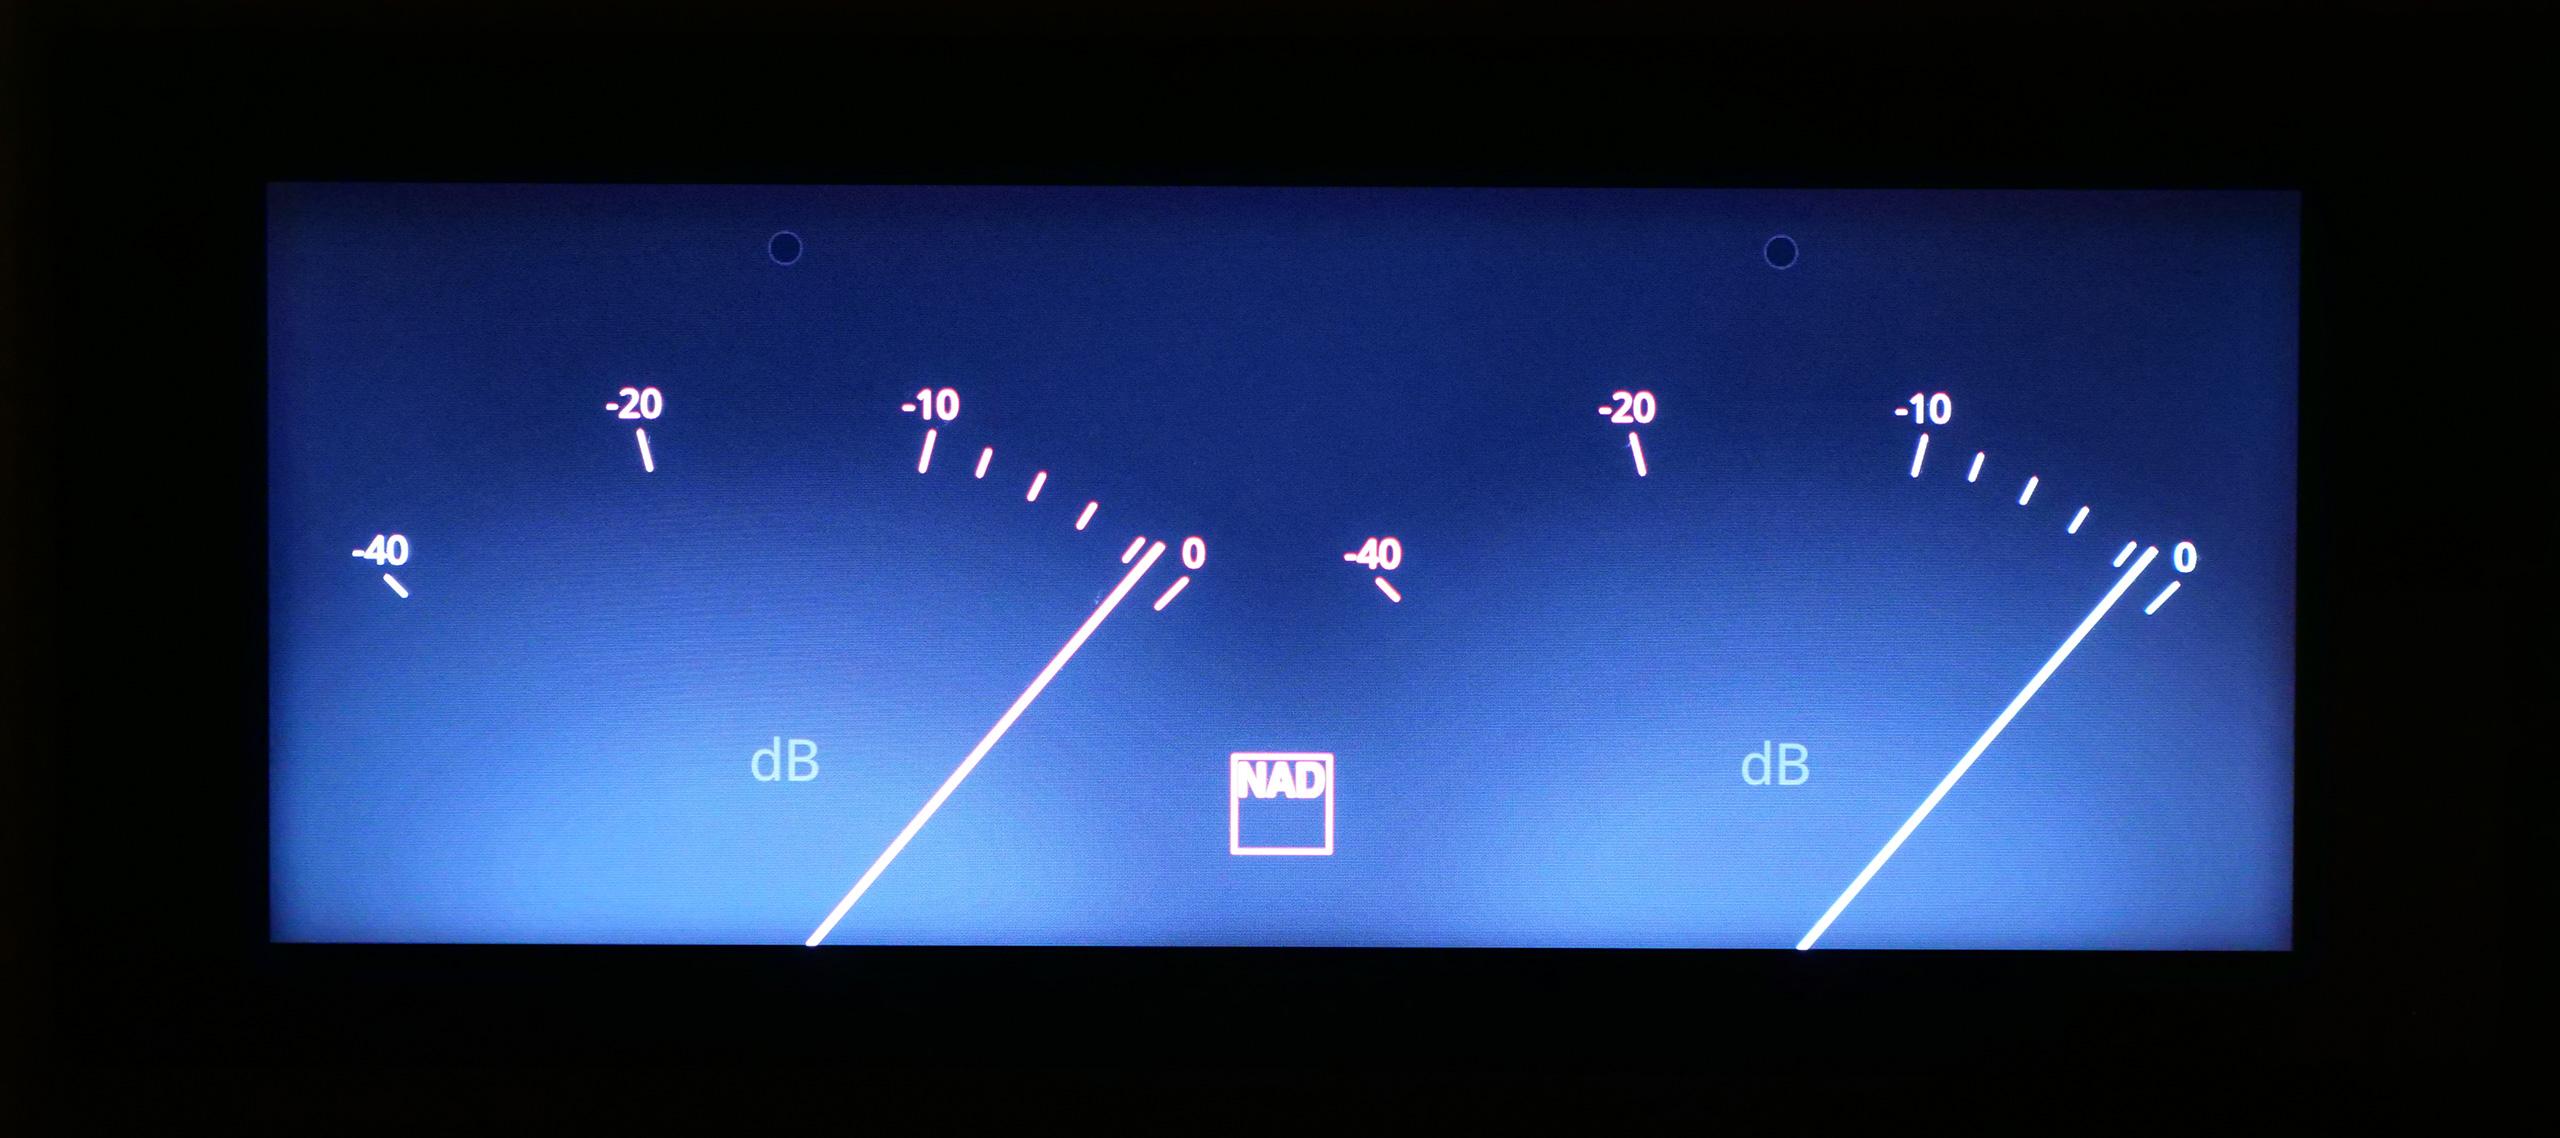 Cet affichage à l'ancienne avec des vu-mètres apparaît avec les sources externes (analogiques, numérique, HDMI).